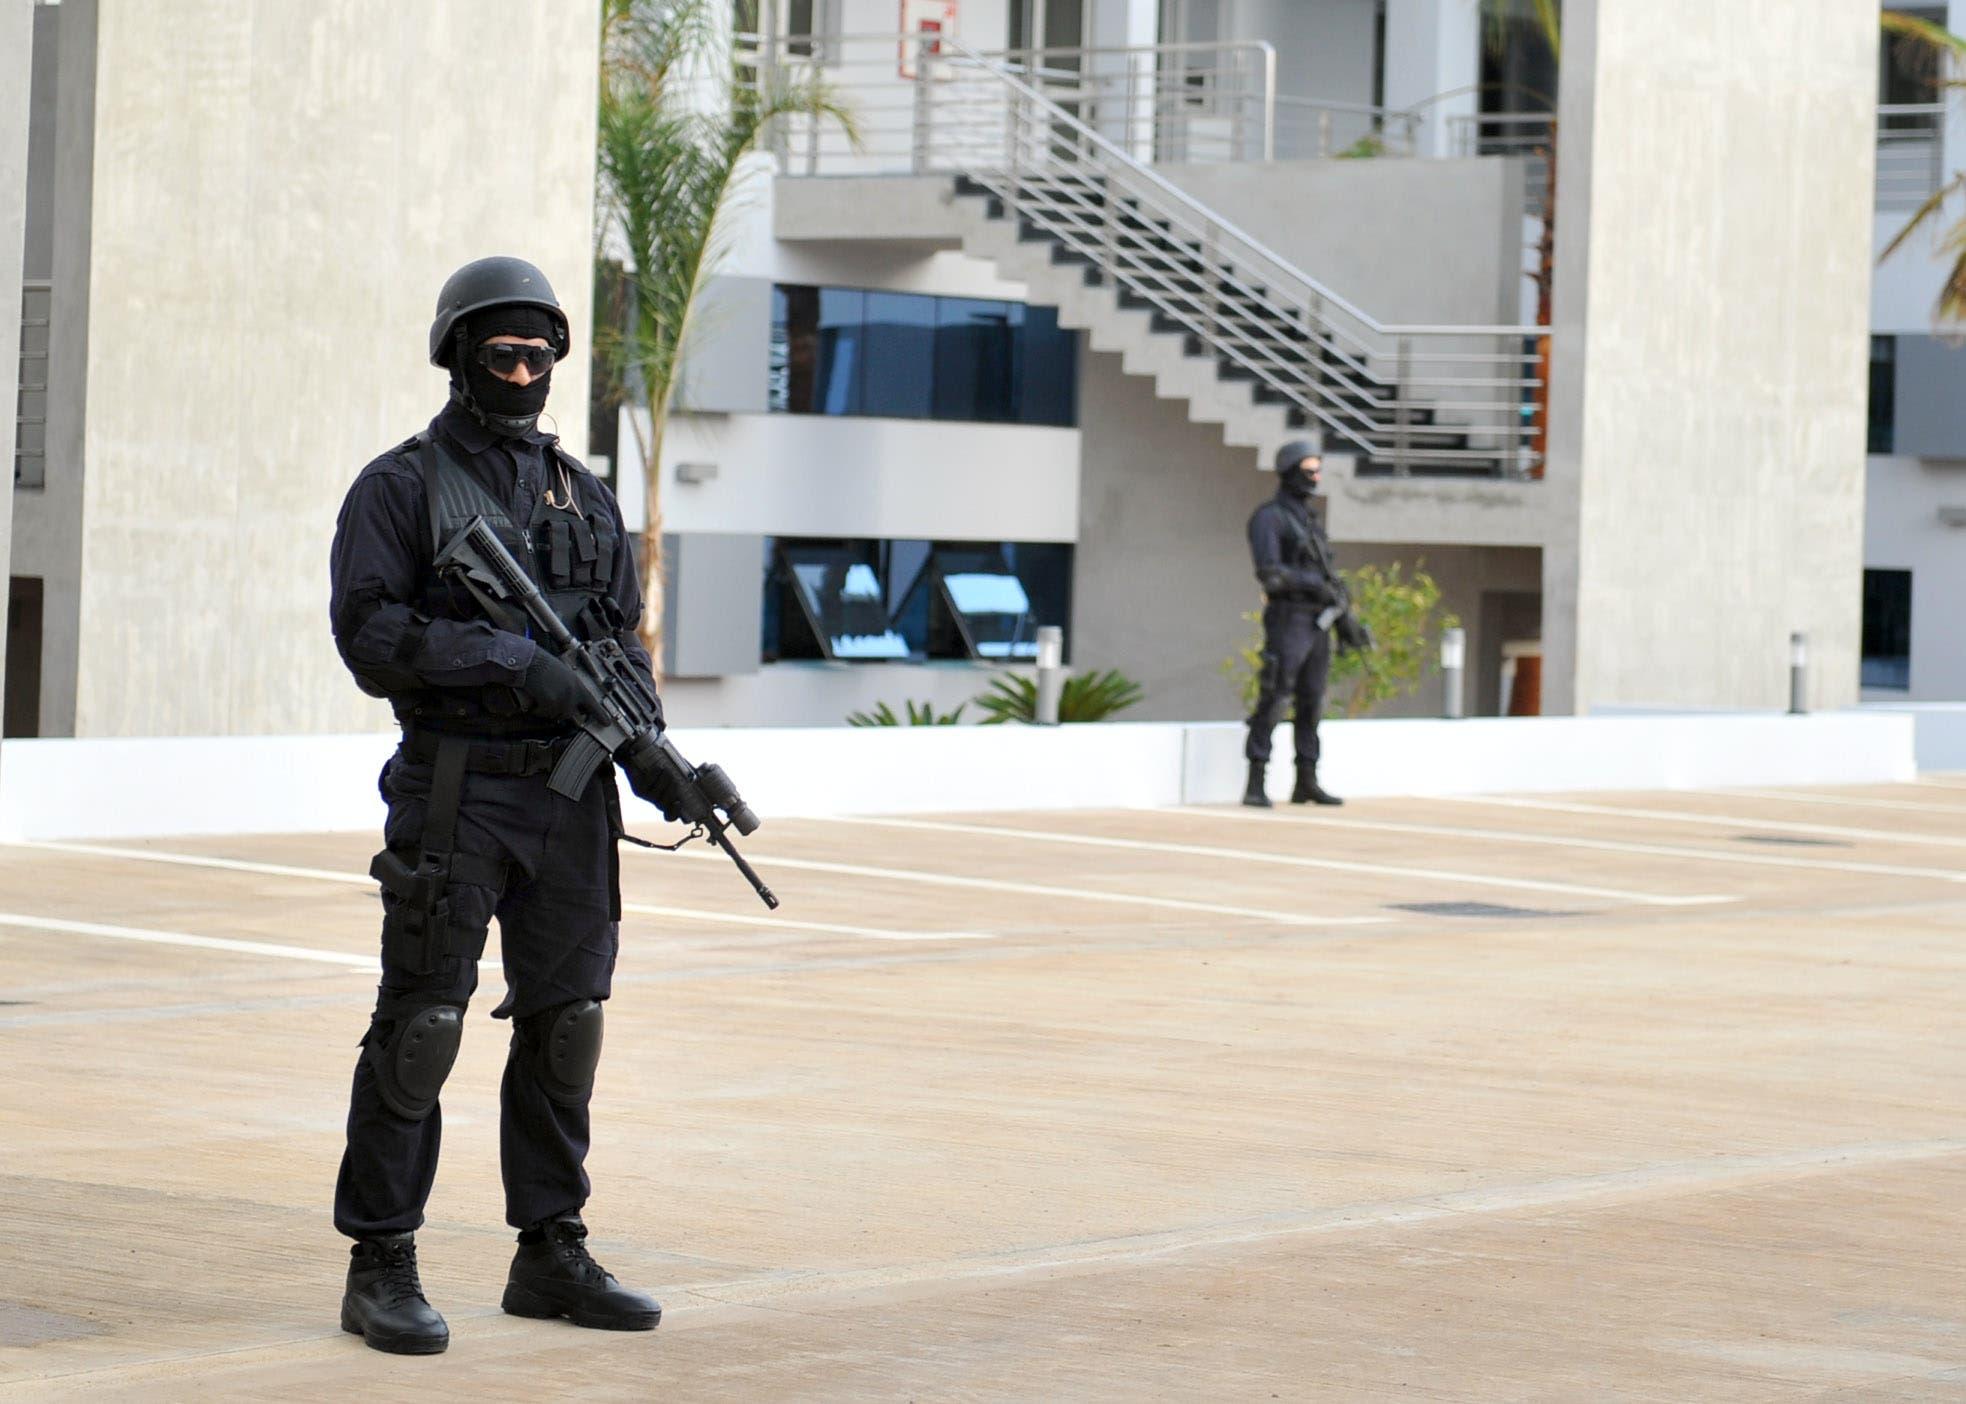 عنصران اثنان من فرقة النخبة من الشرطة في المغرب يتابعان كل حركة في الجوار